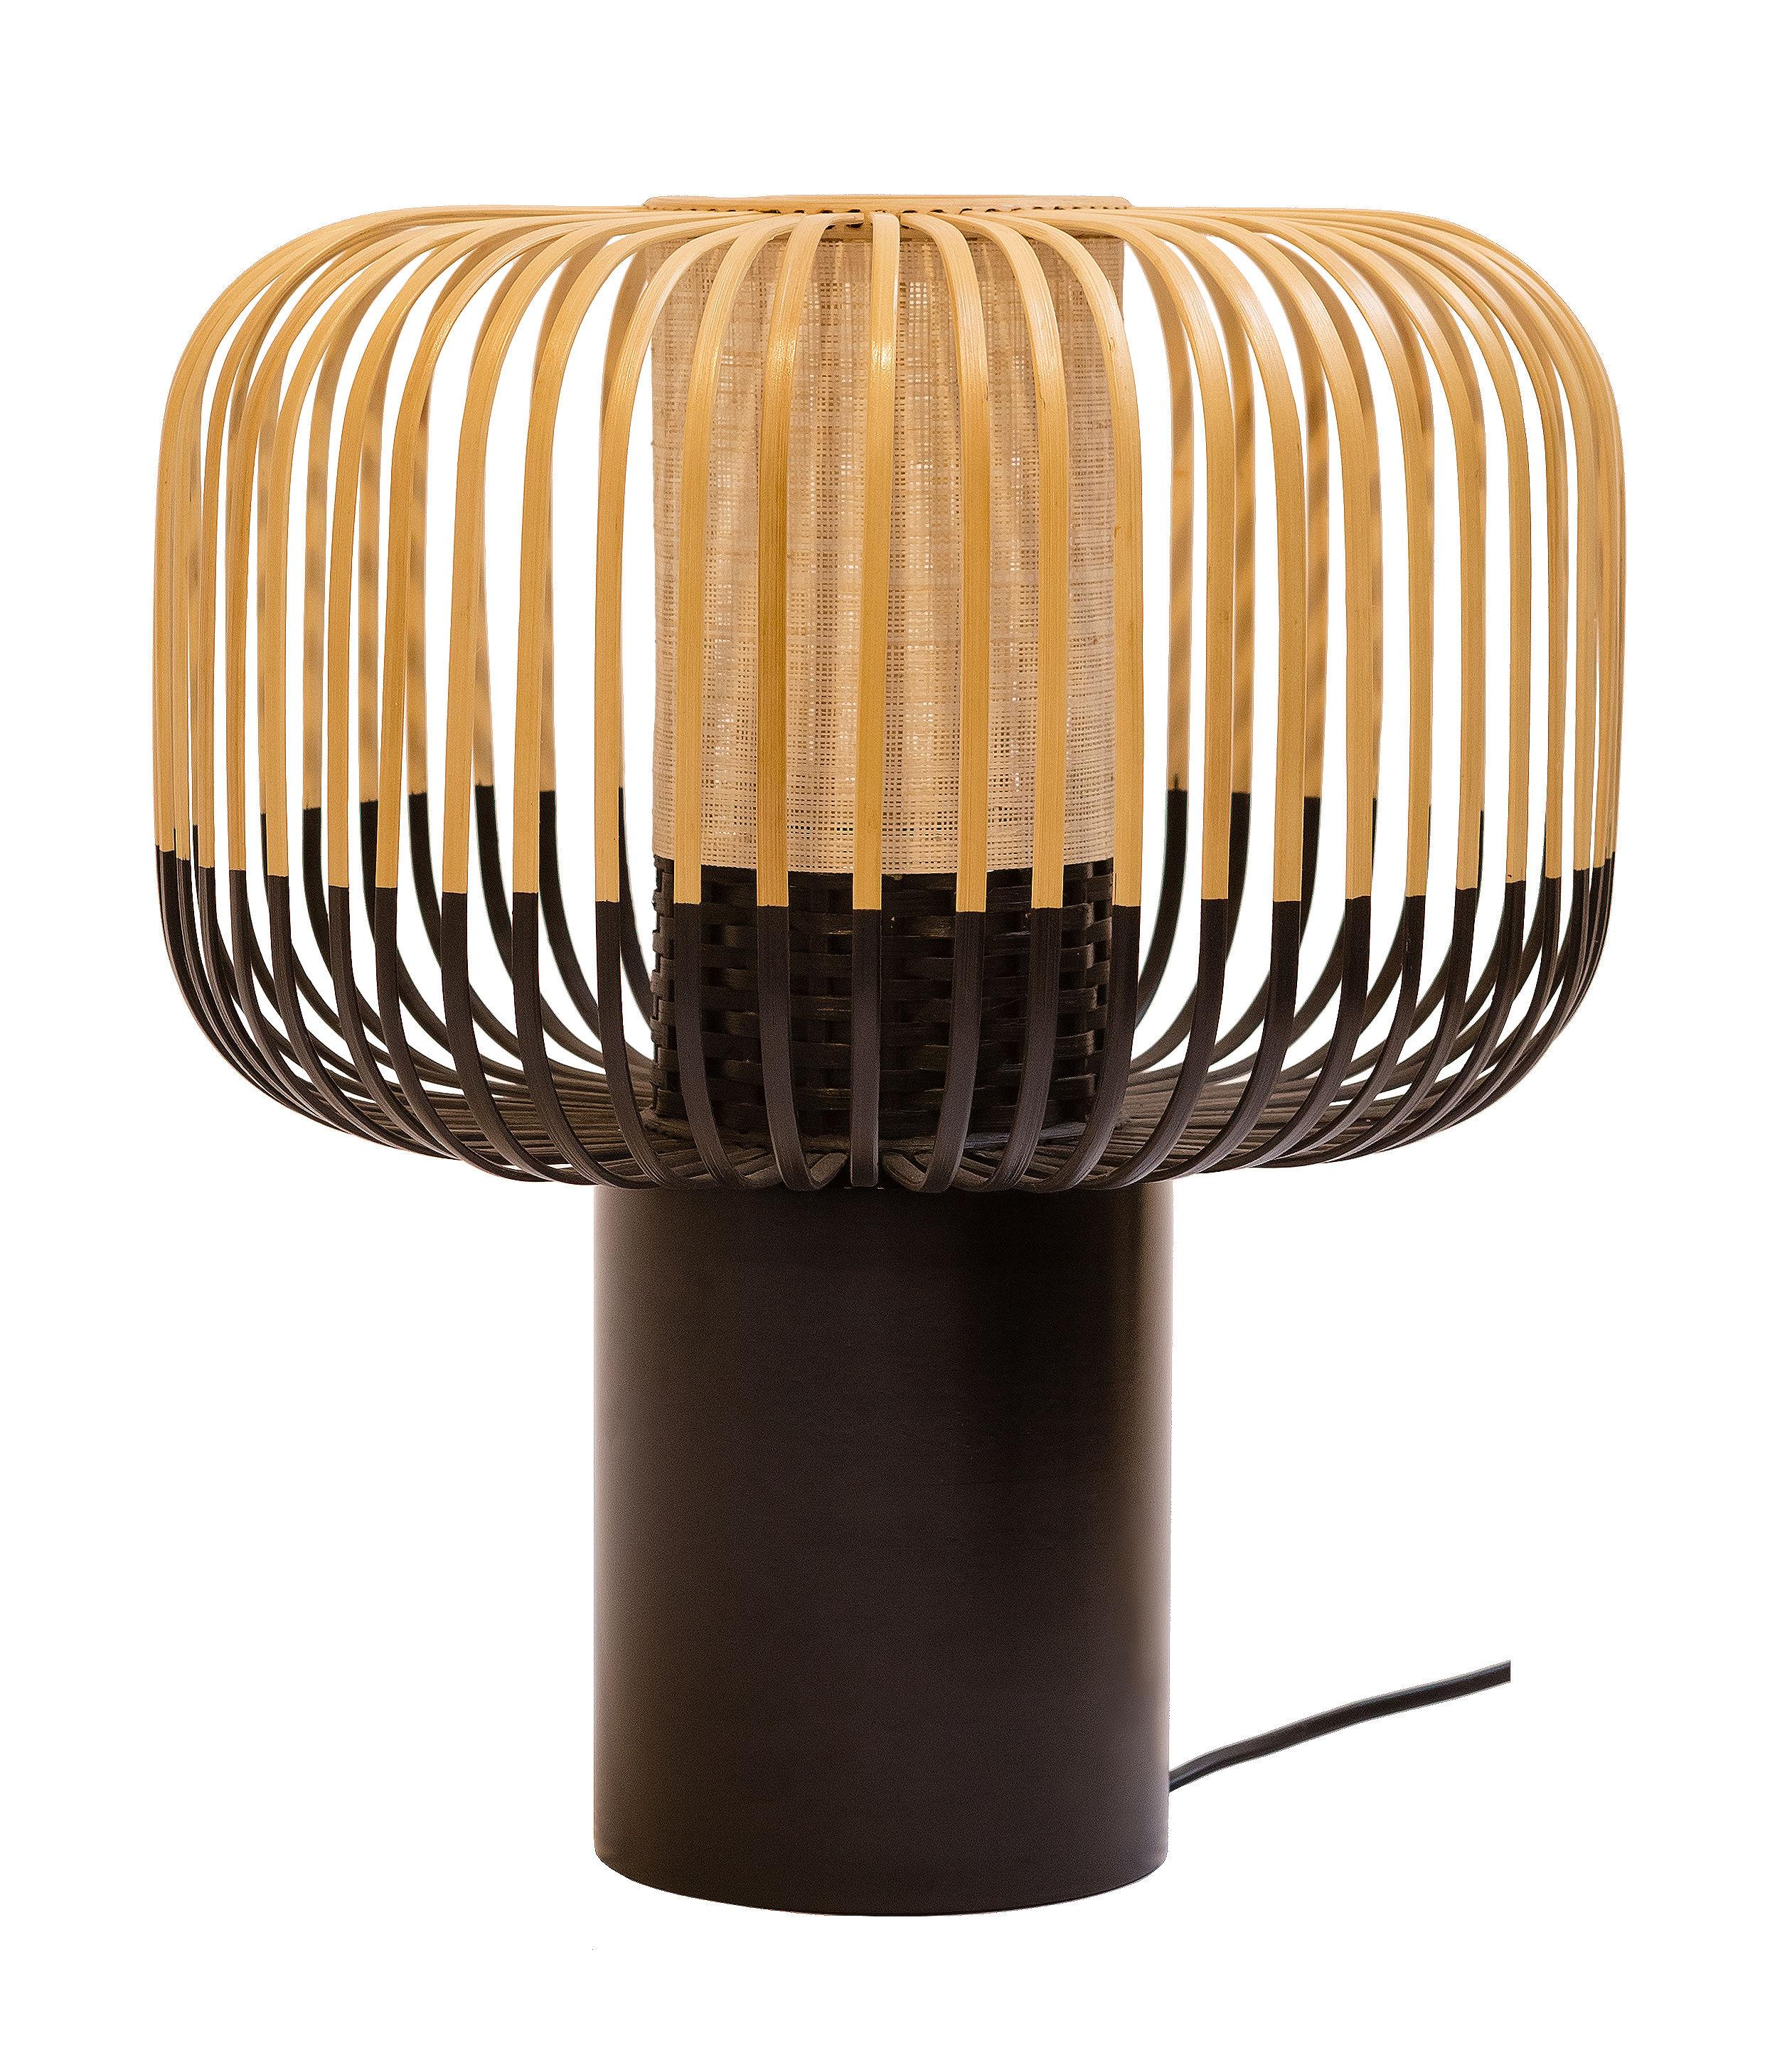 Leuchten - Tischleuchten - Bamboo Light Tischleuchte / H 40 cm x Ø 35 cm - Forestier - H 40 cm - schwarz - Naturbambus